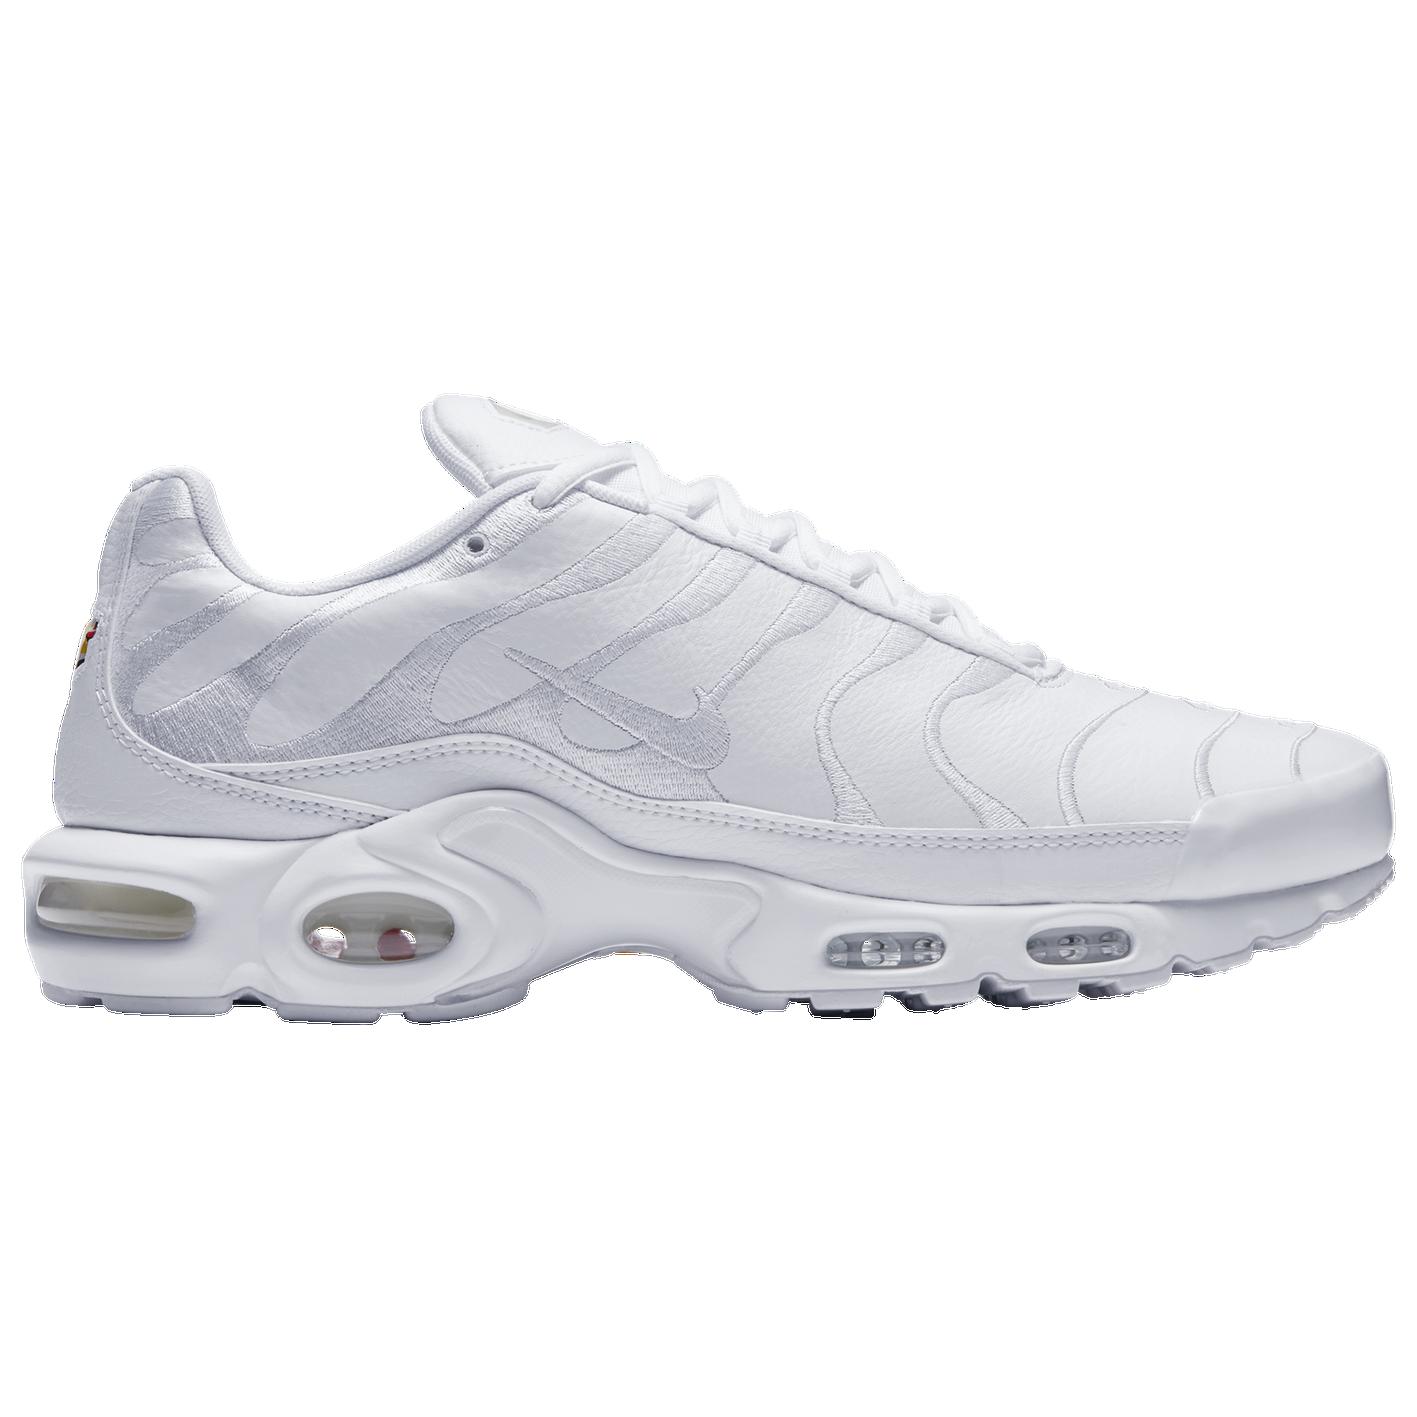 6336006767 Nike Air Max Plus - Men's - Casual - Shoes - White/White/White